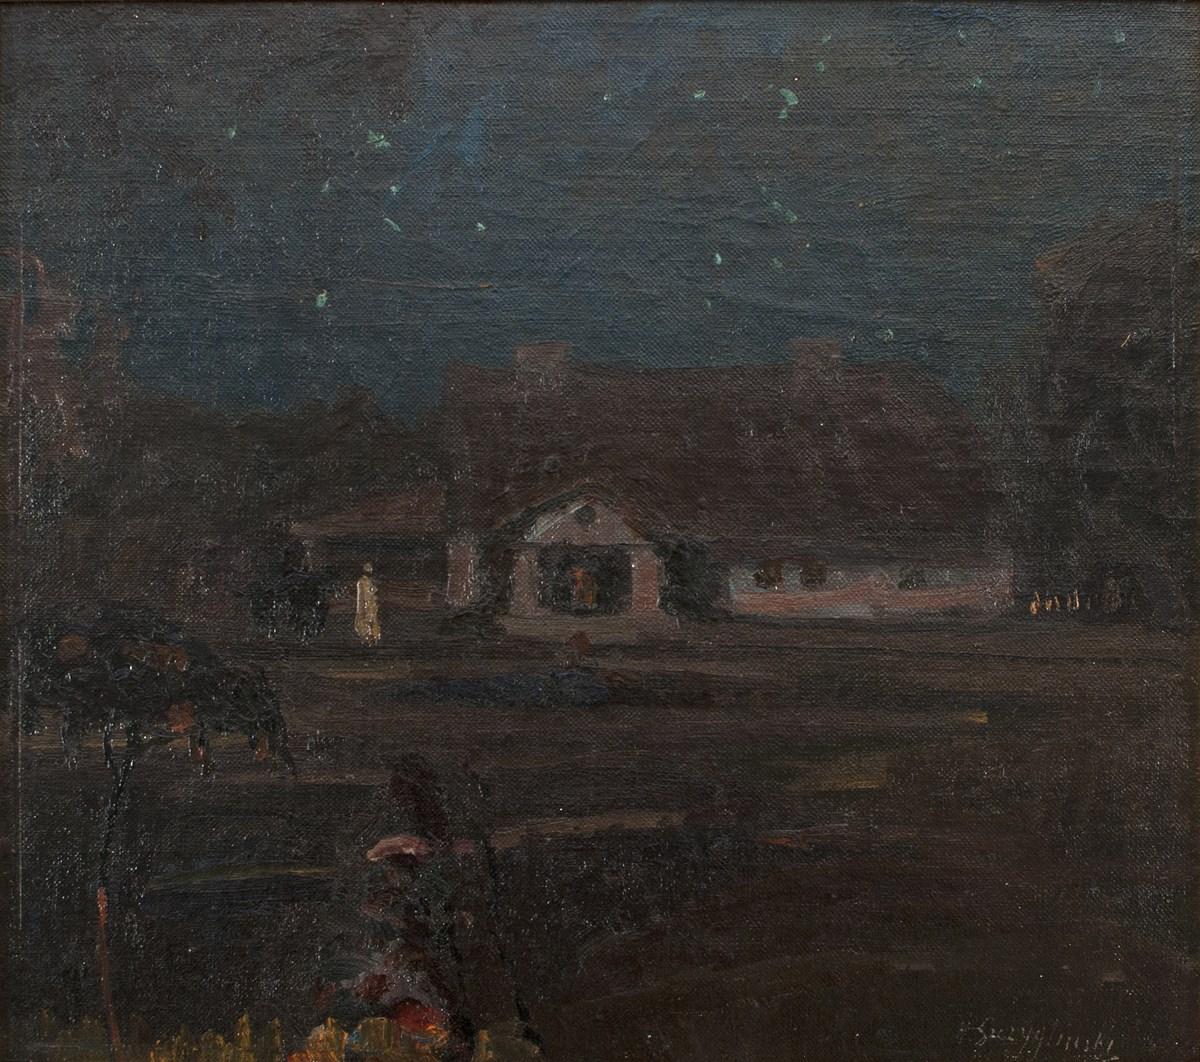 """Henryk Szczygliński, """"Nokturn (Z minionych dni)"""" z 1910 roku, olej na tekturze, 33x36 cm (źródło: materiały prasowe organizatora)"""